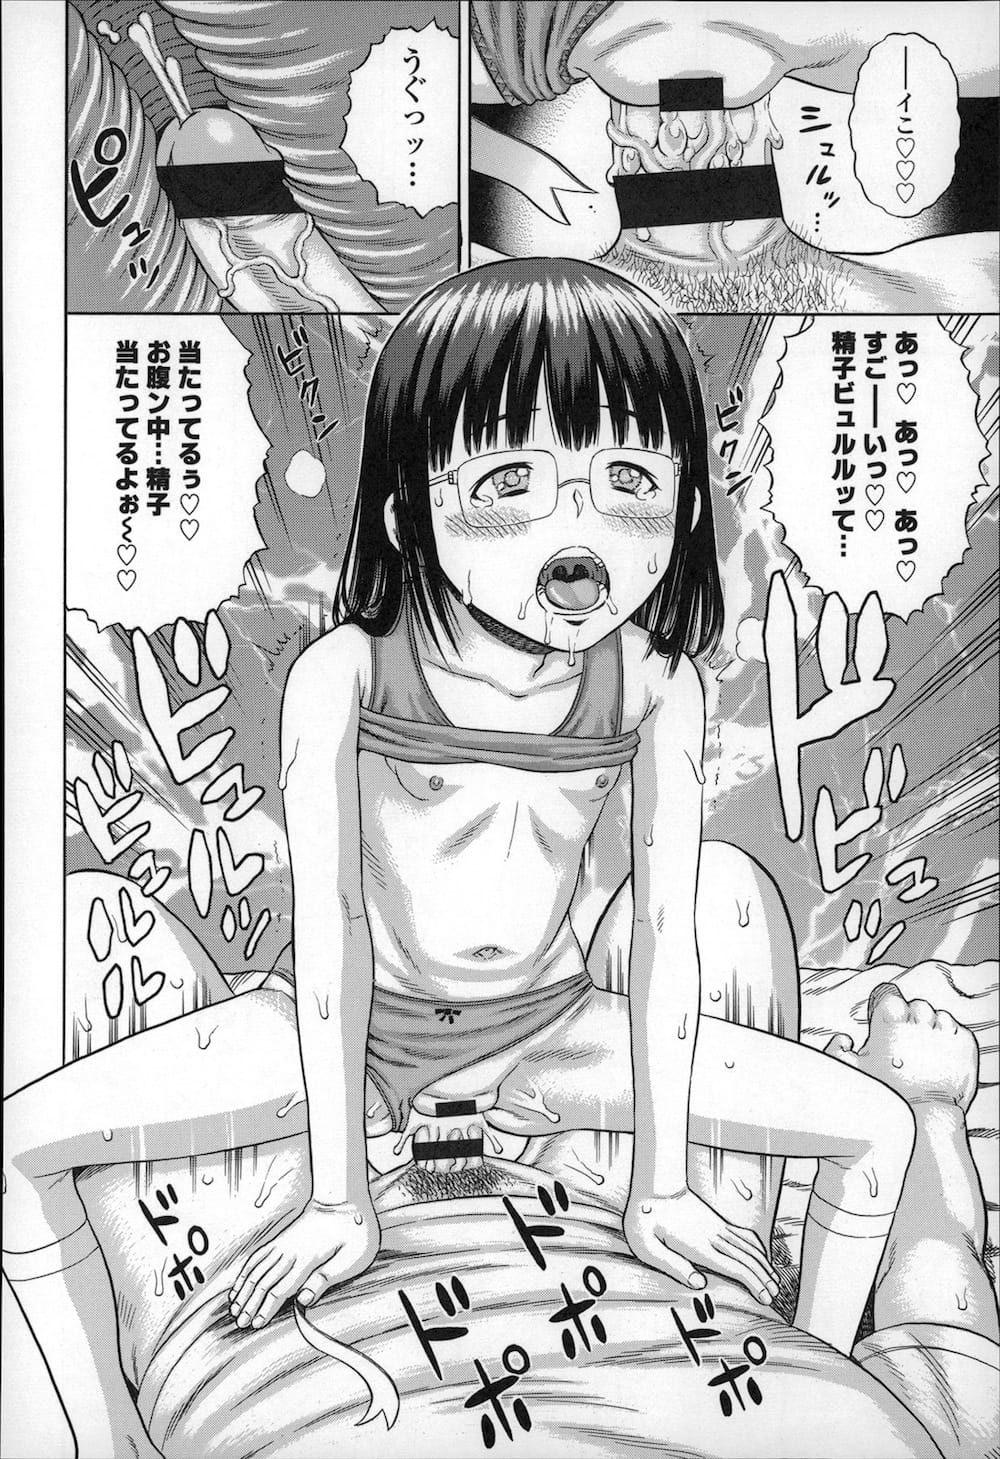 【エロ漫画】両親が不在の時におっとりしているメガネロリ妹とセックスしたら妹がSに目覚めてしまったwww 001